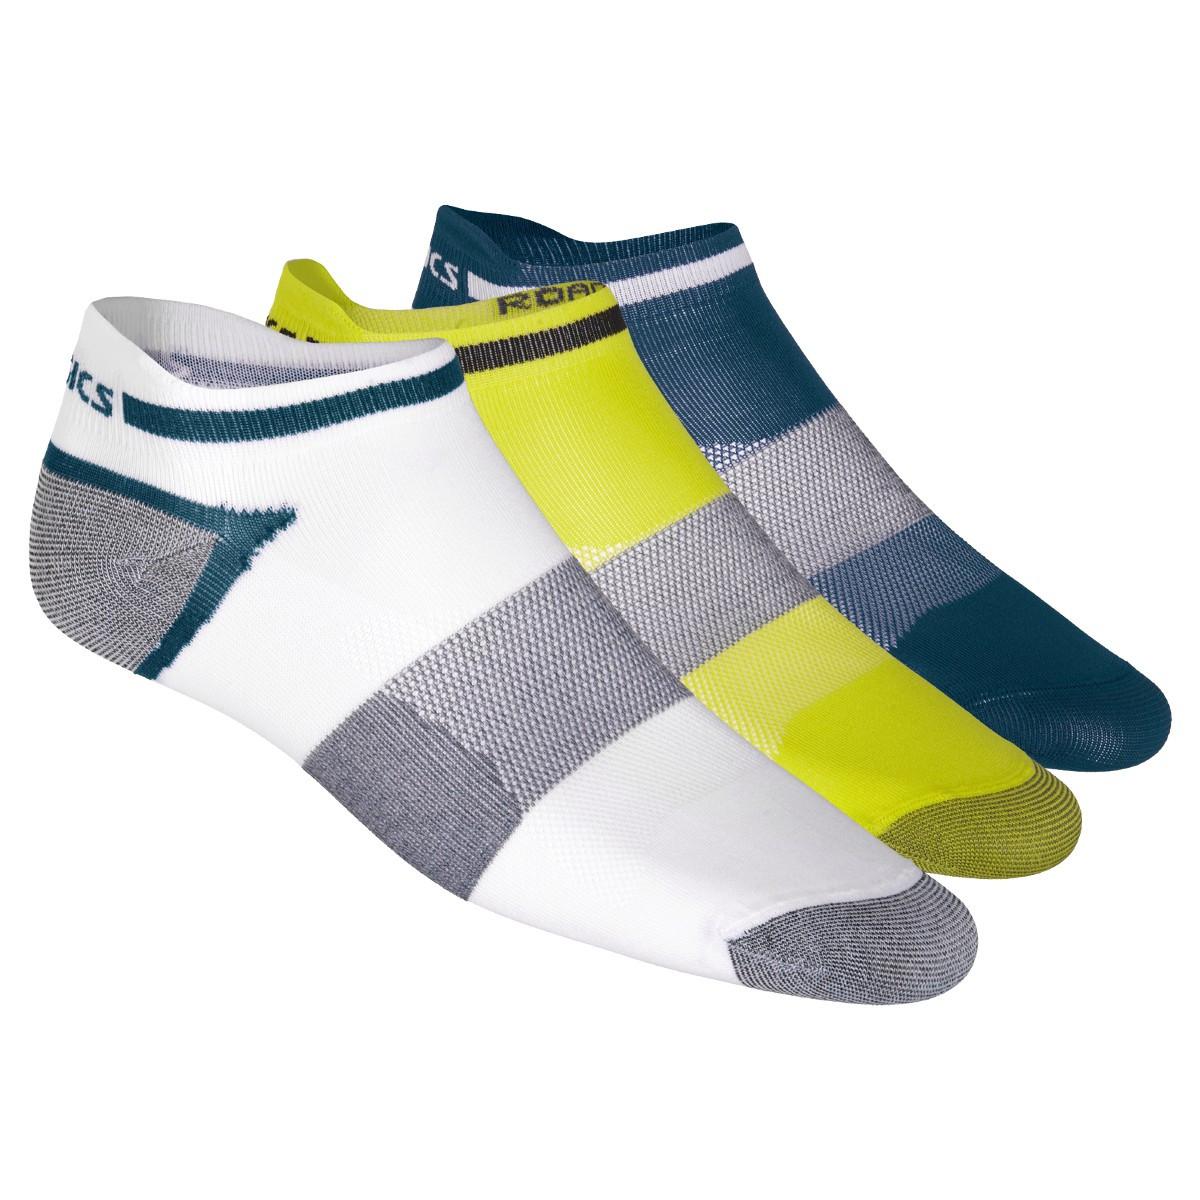 Pack 3 paires de chaussettes Asics Lyte Ref. 123458 8094 DownTownStock.Com